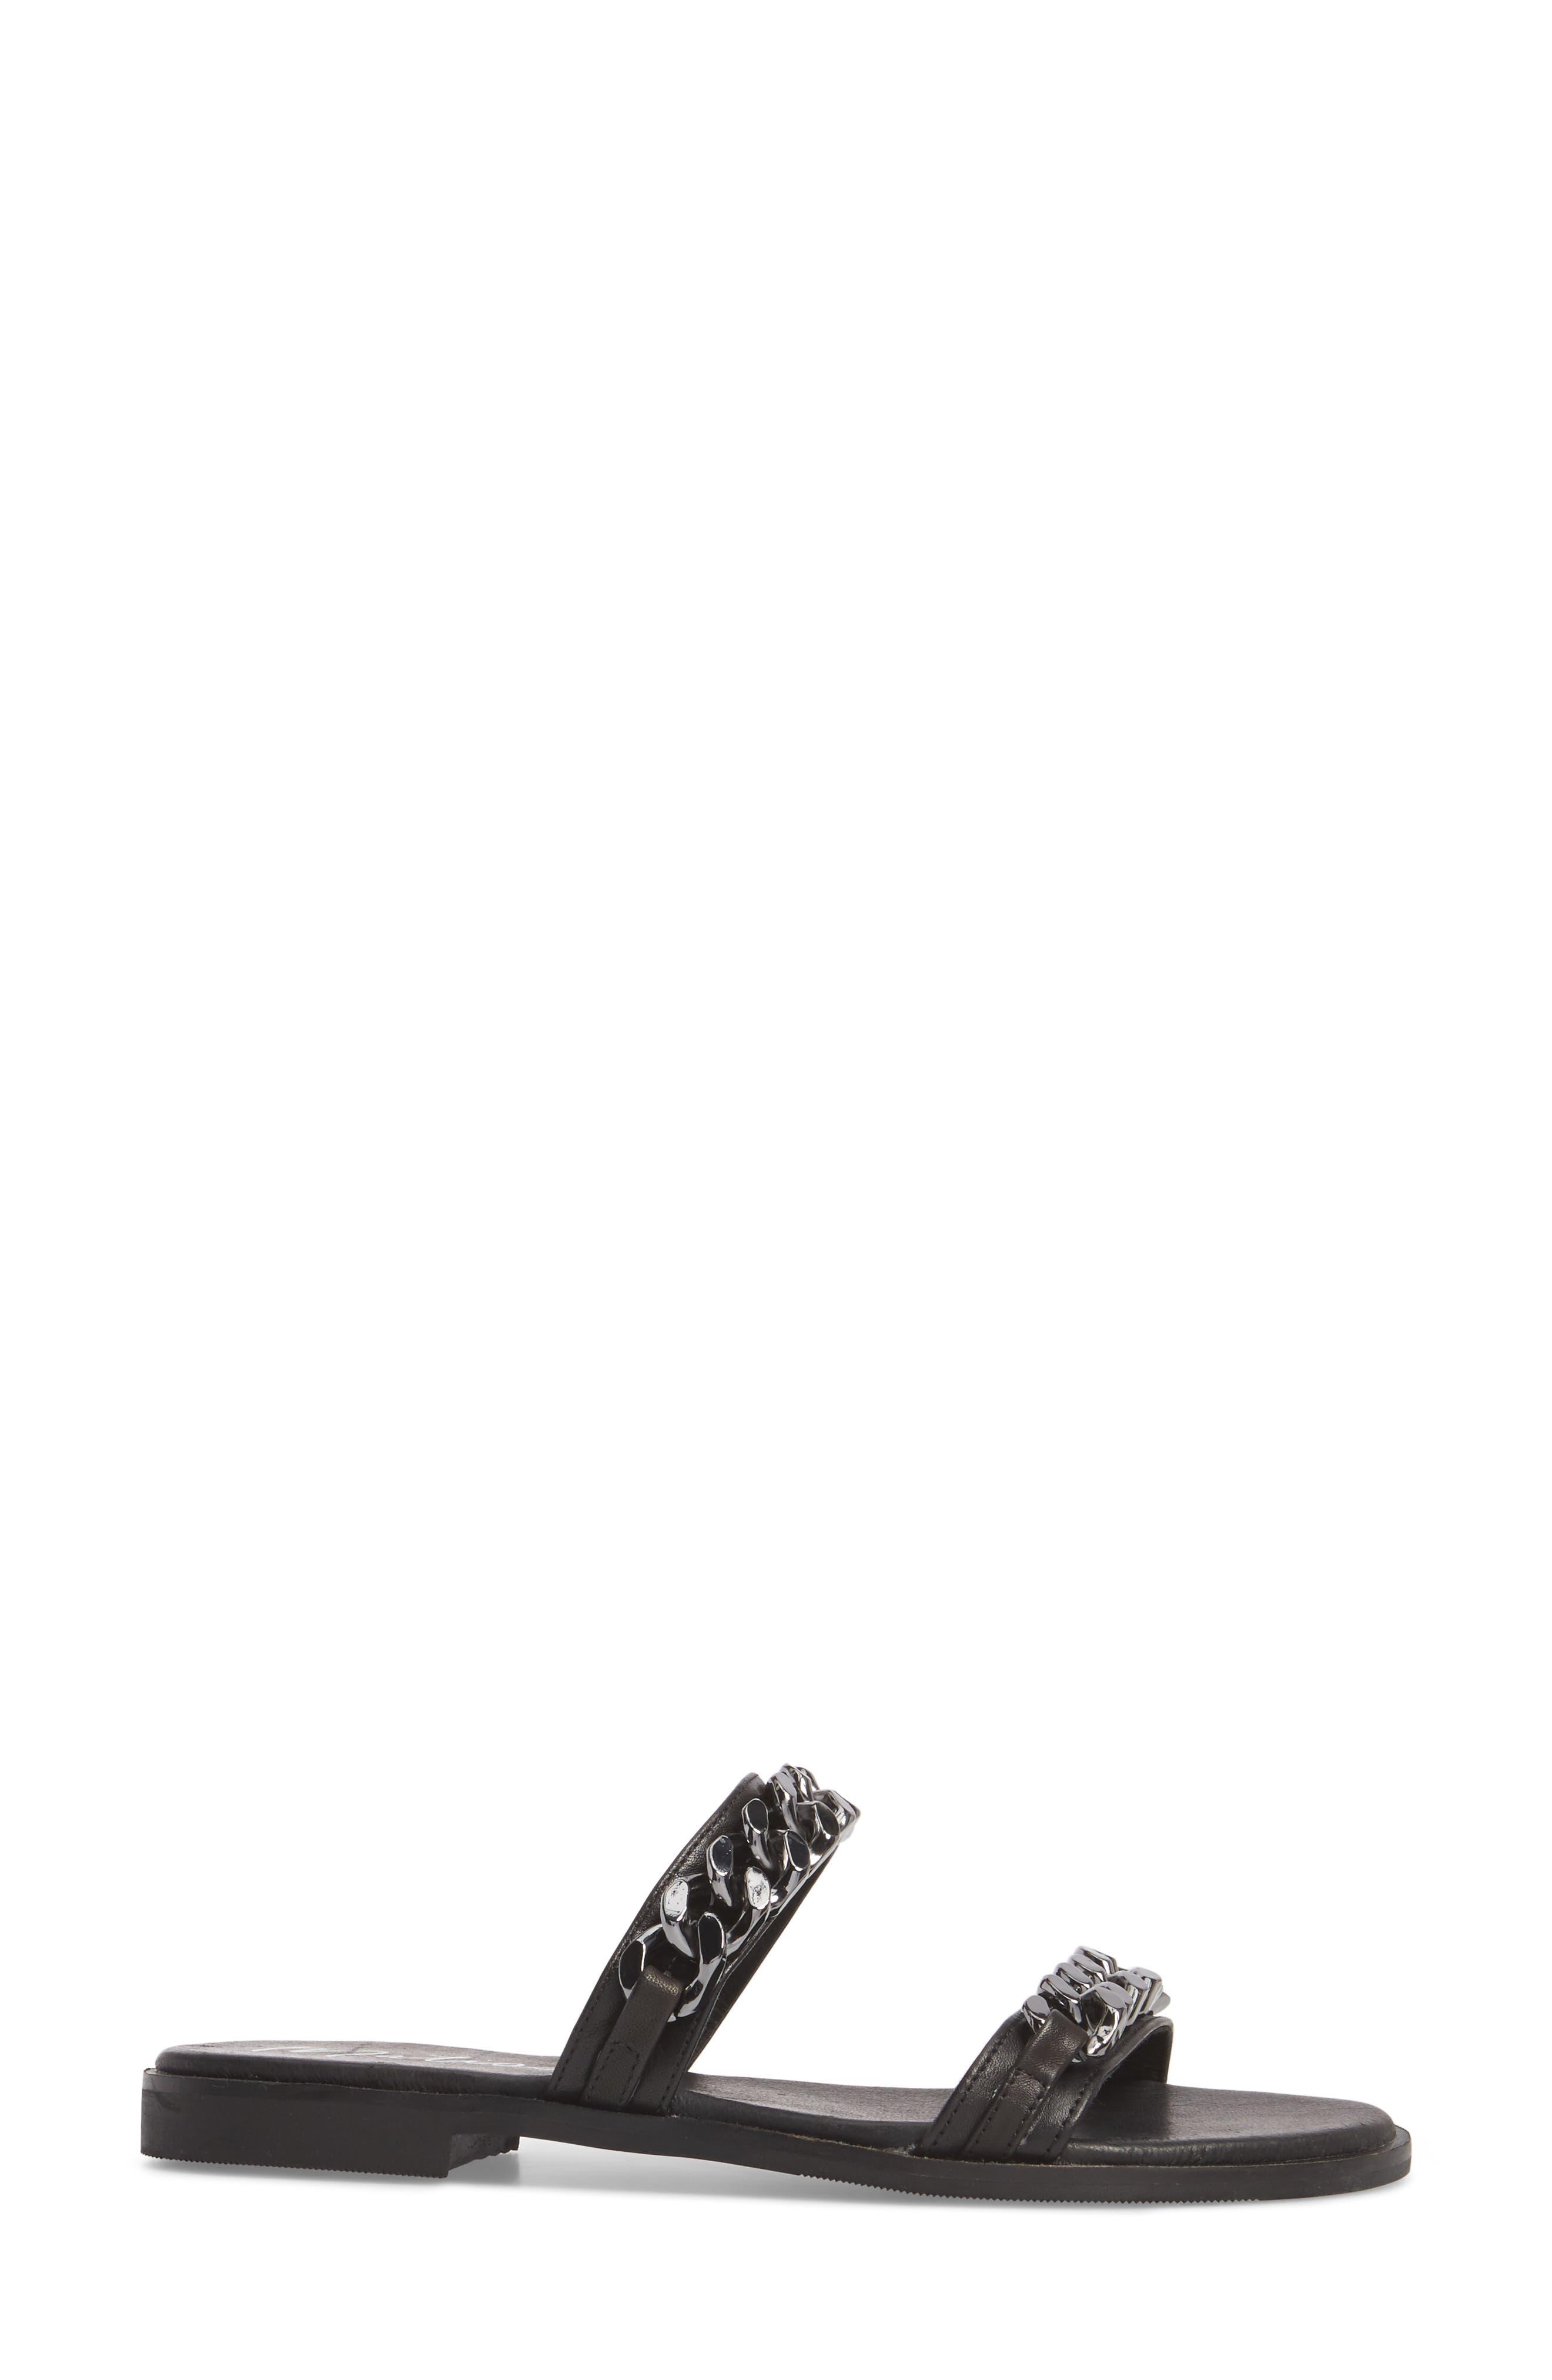 Reagon Sandal,                             Alternate thumbnail 3, color,                             Black Leather